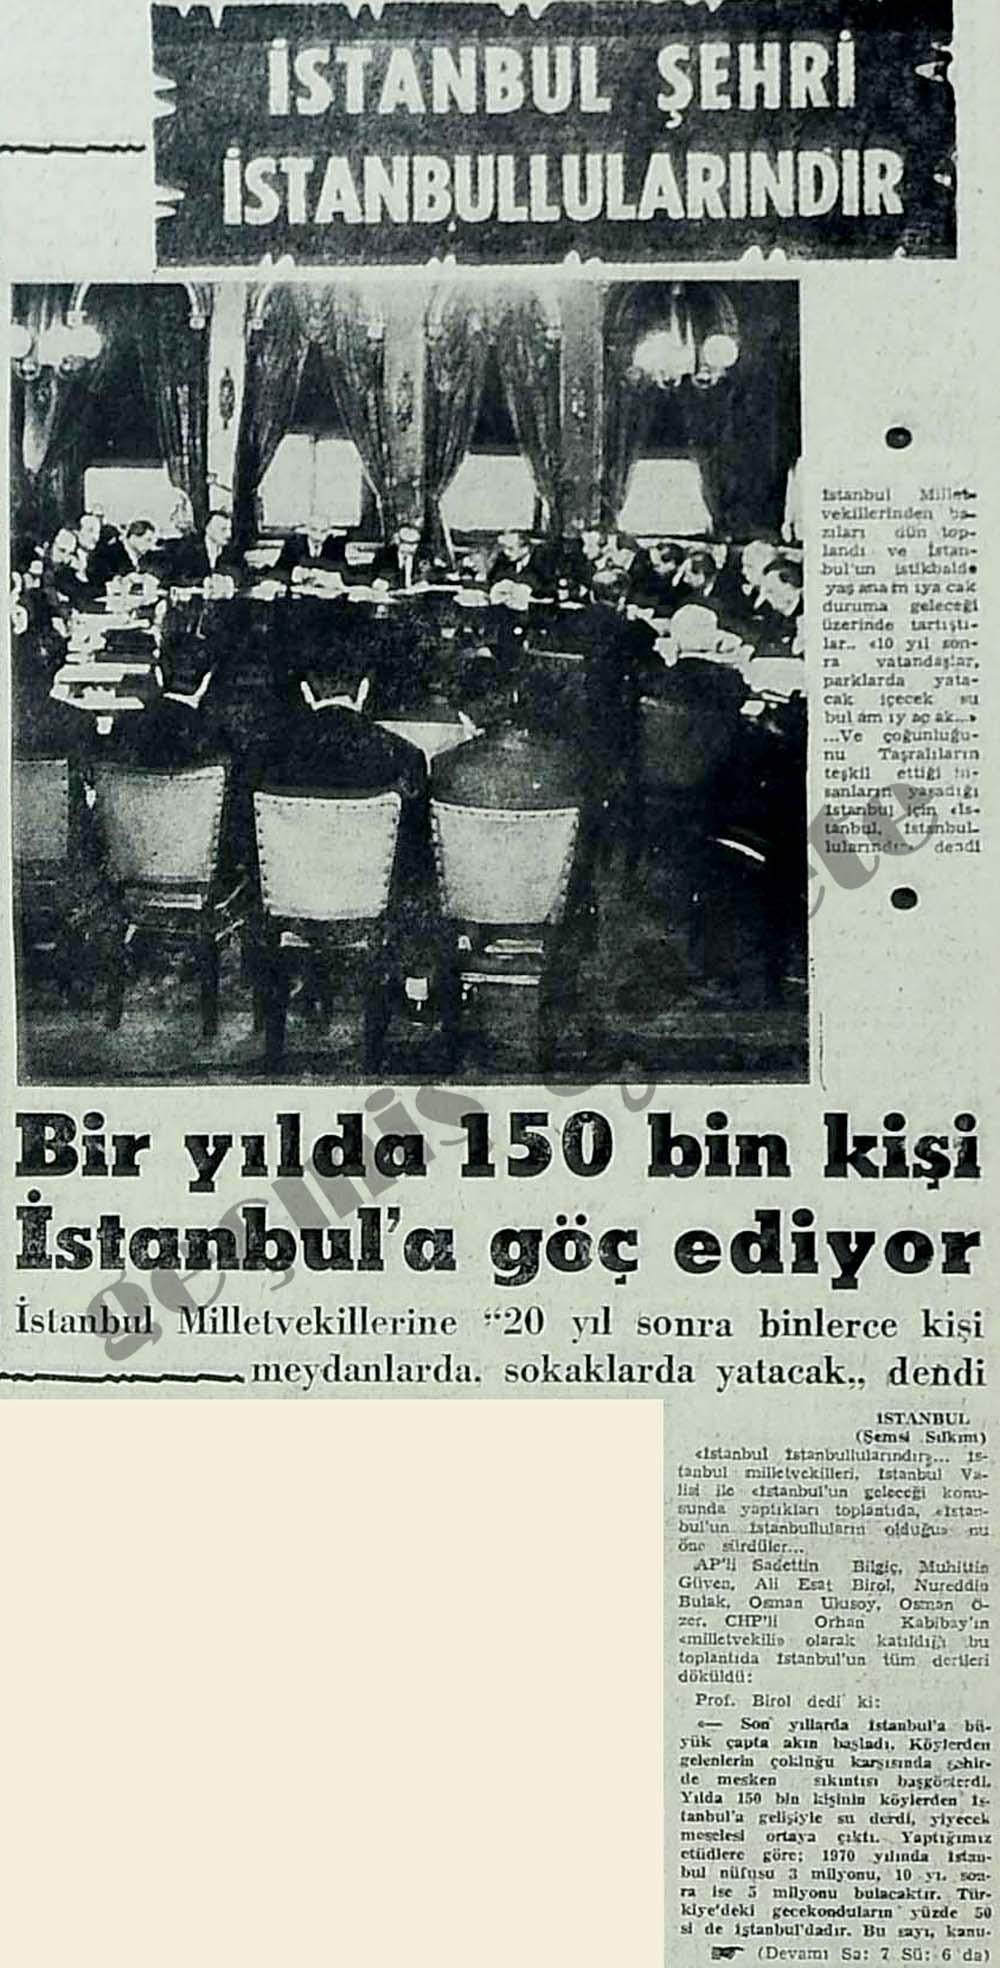 İstanbul şehri İstanbullularındır